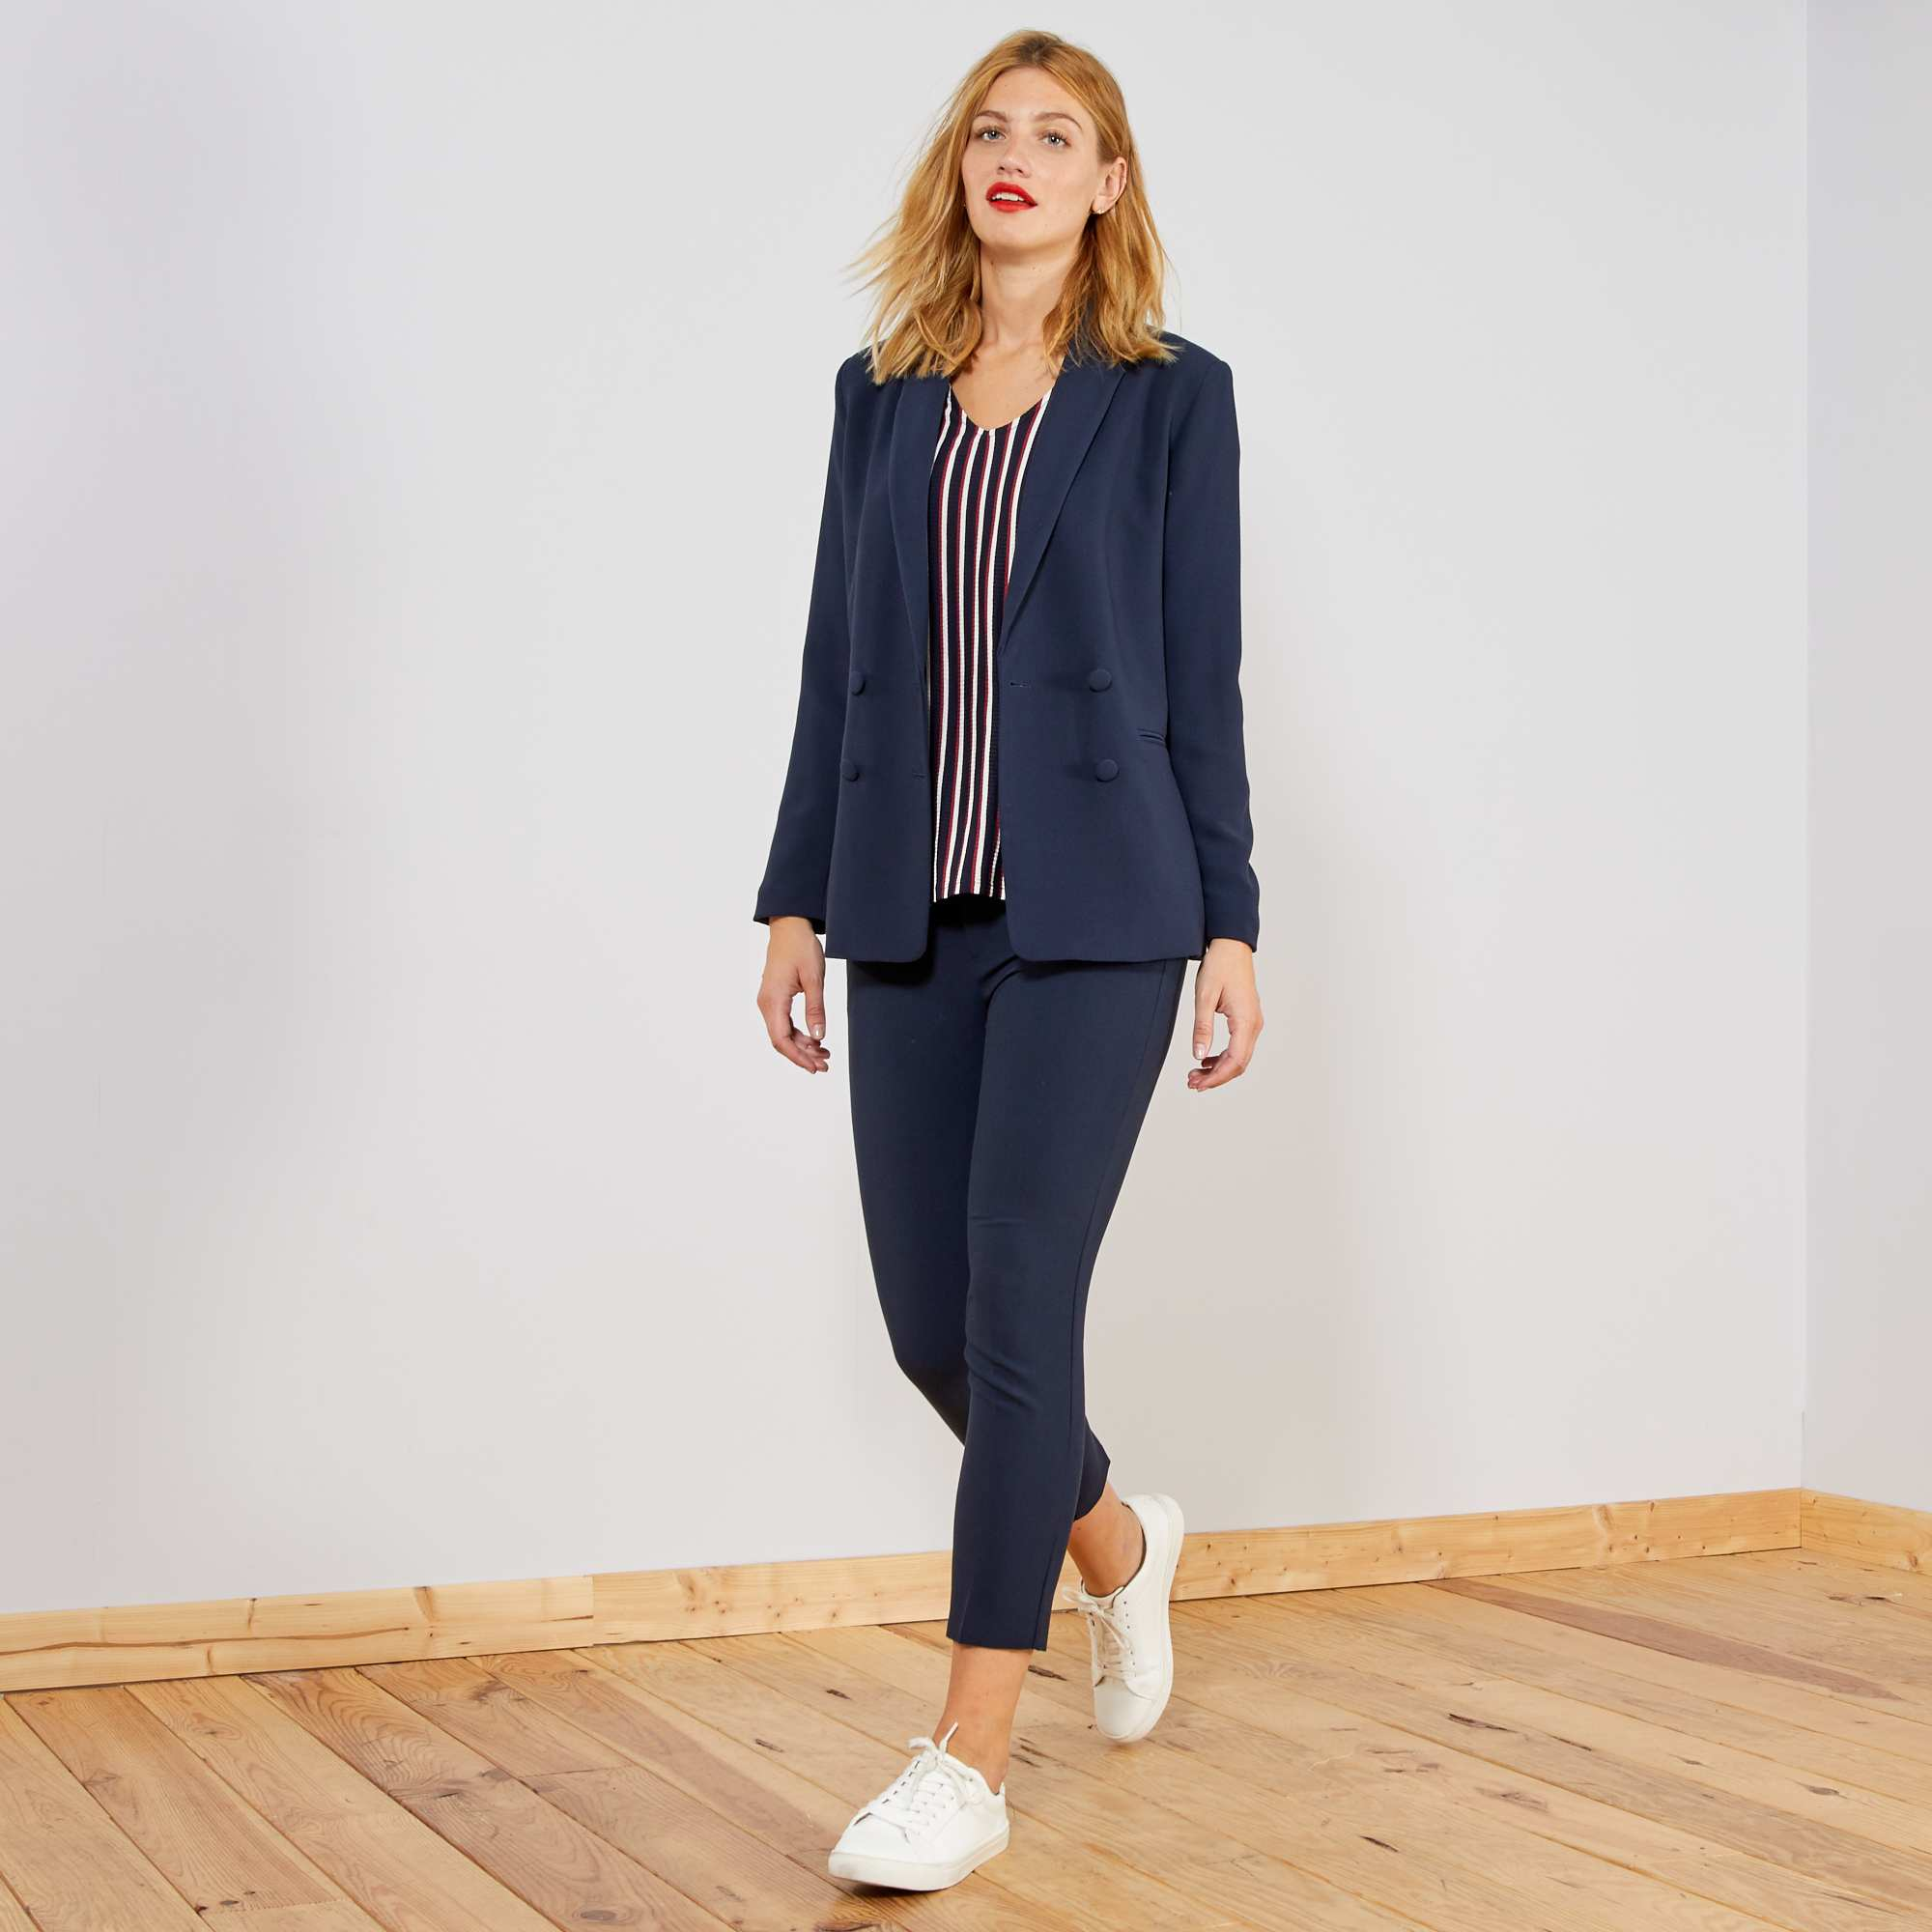 54ec553747 Pantalón recto estilo sastre AZUL Mujer talla 34 a 48. Loading zoom. Haz  clic en la imagen para agrandar. zoom